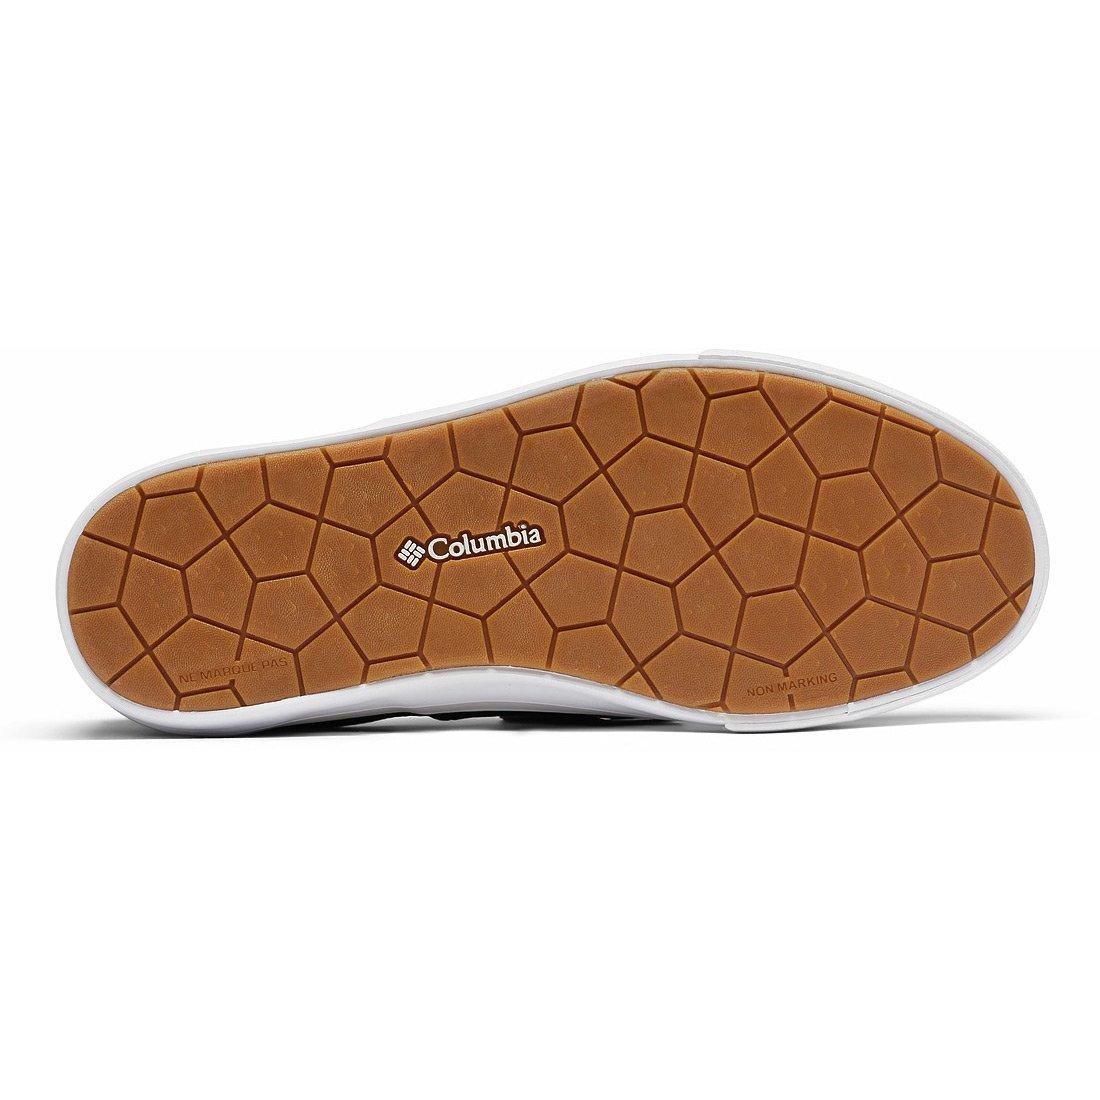 נעליים לגברים - Slack Tide Lace PFG - Columbia